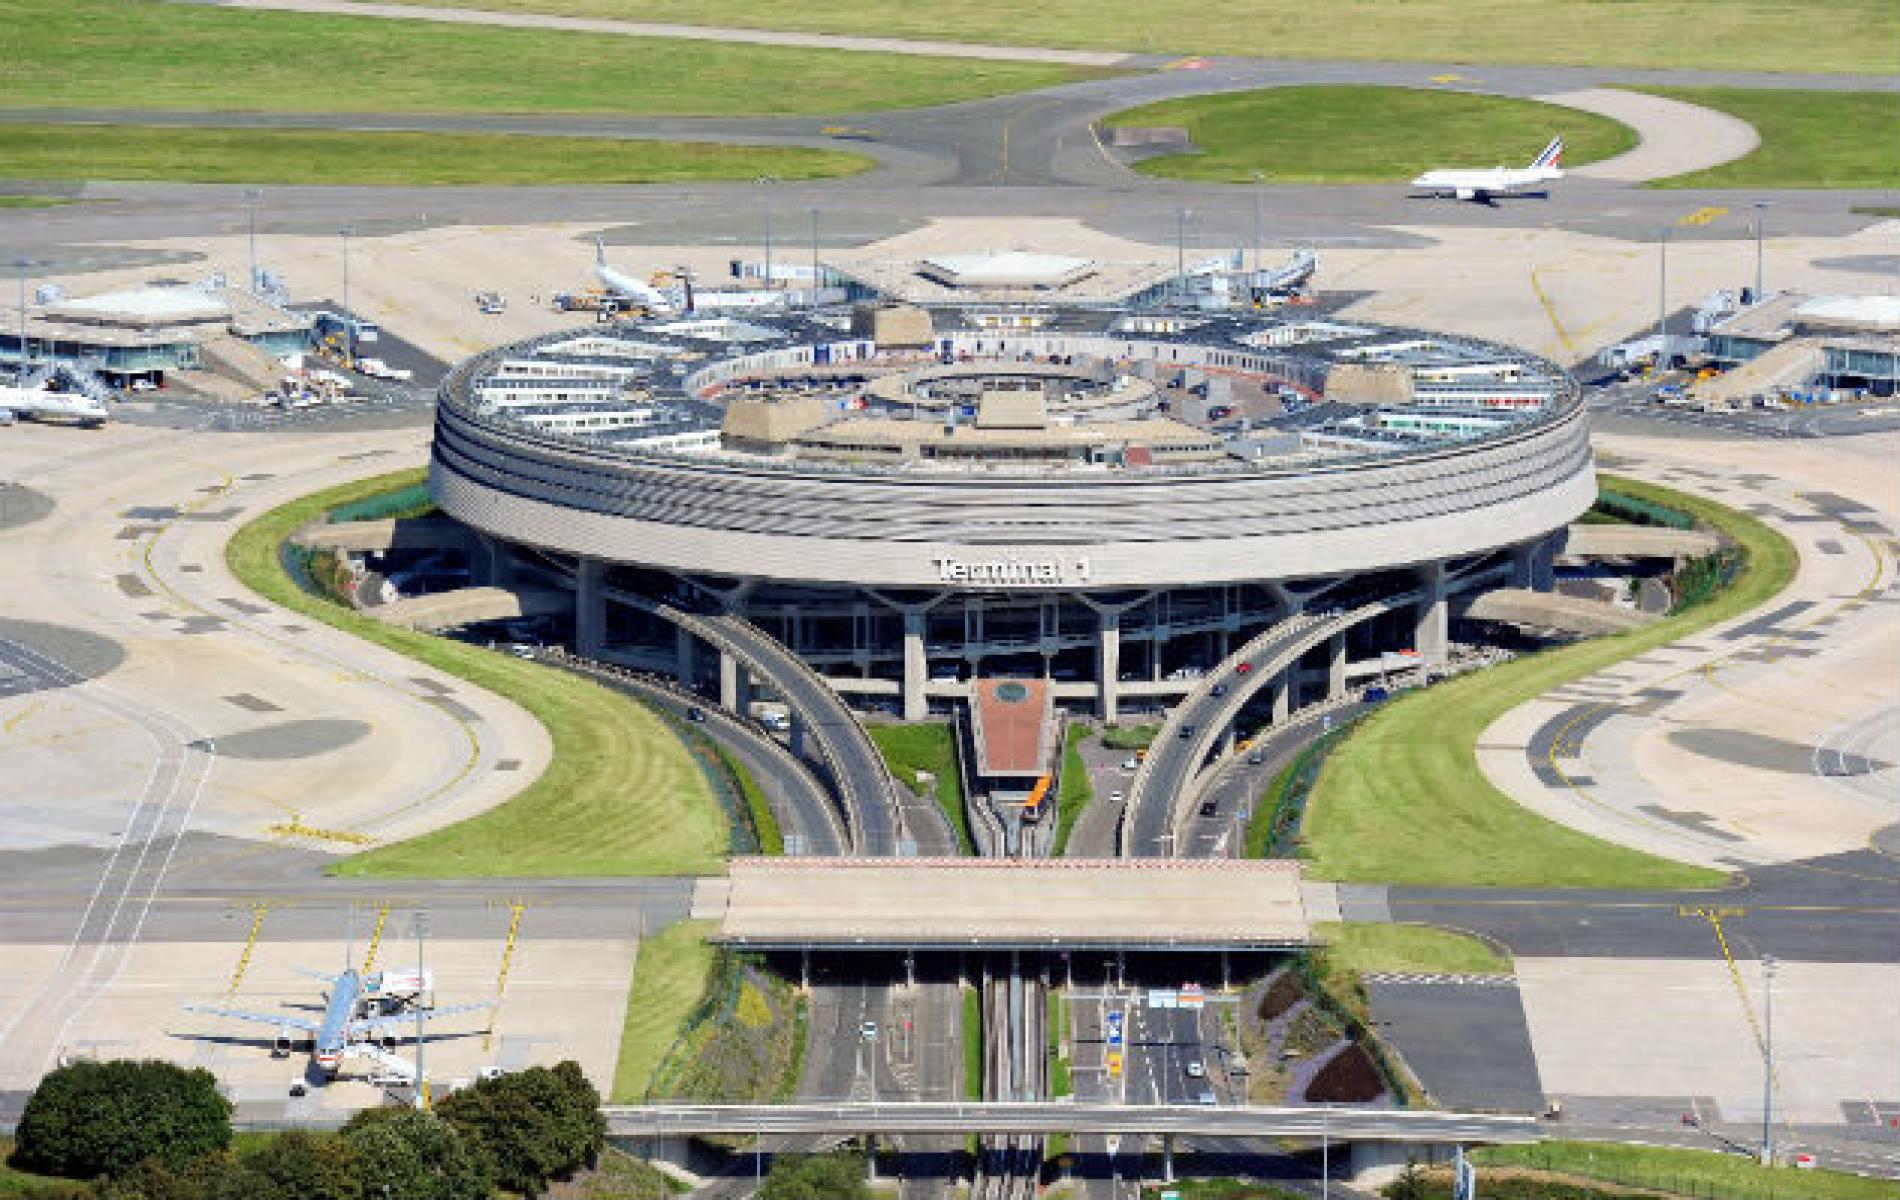 Aéroport Roissy Charles De Gaulle